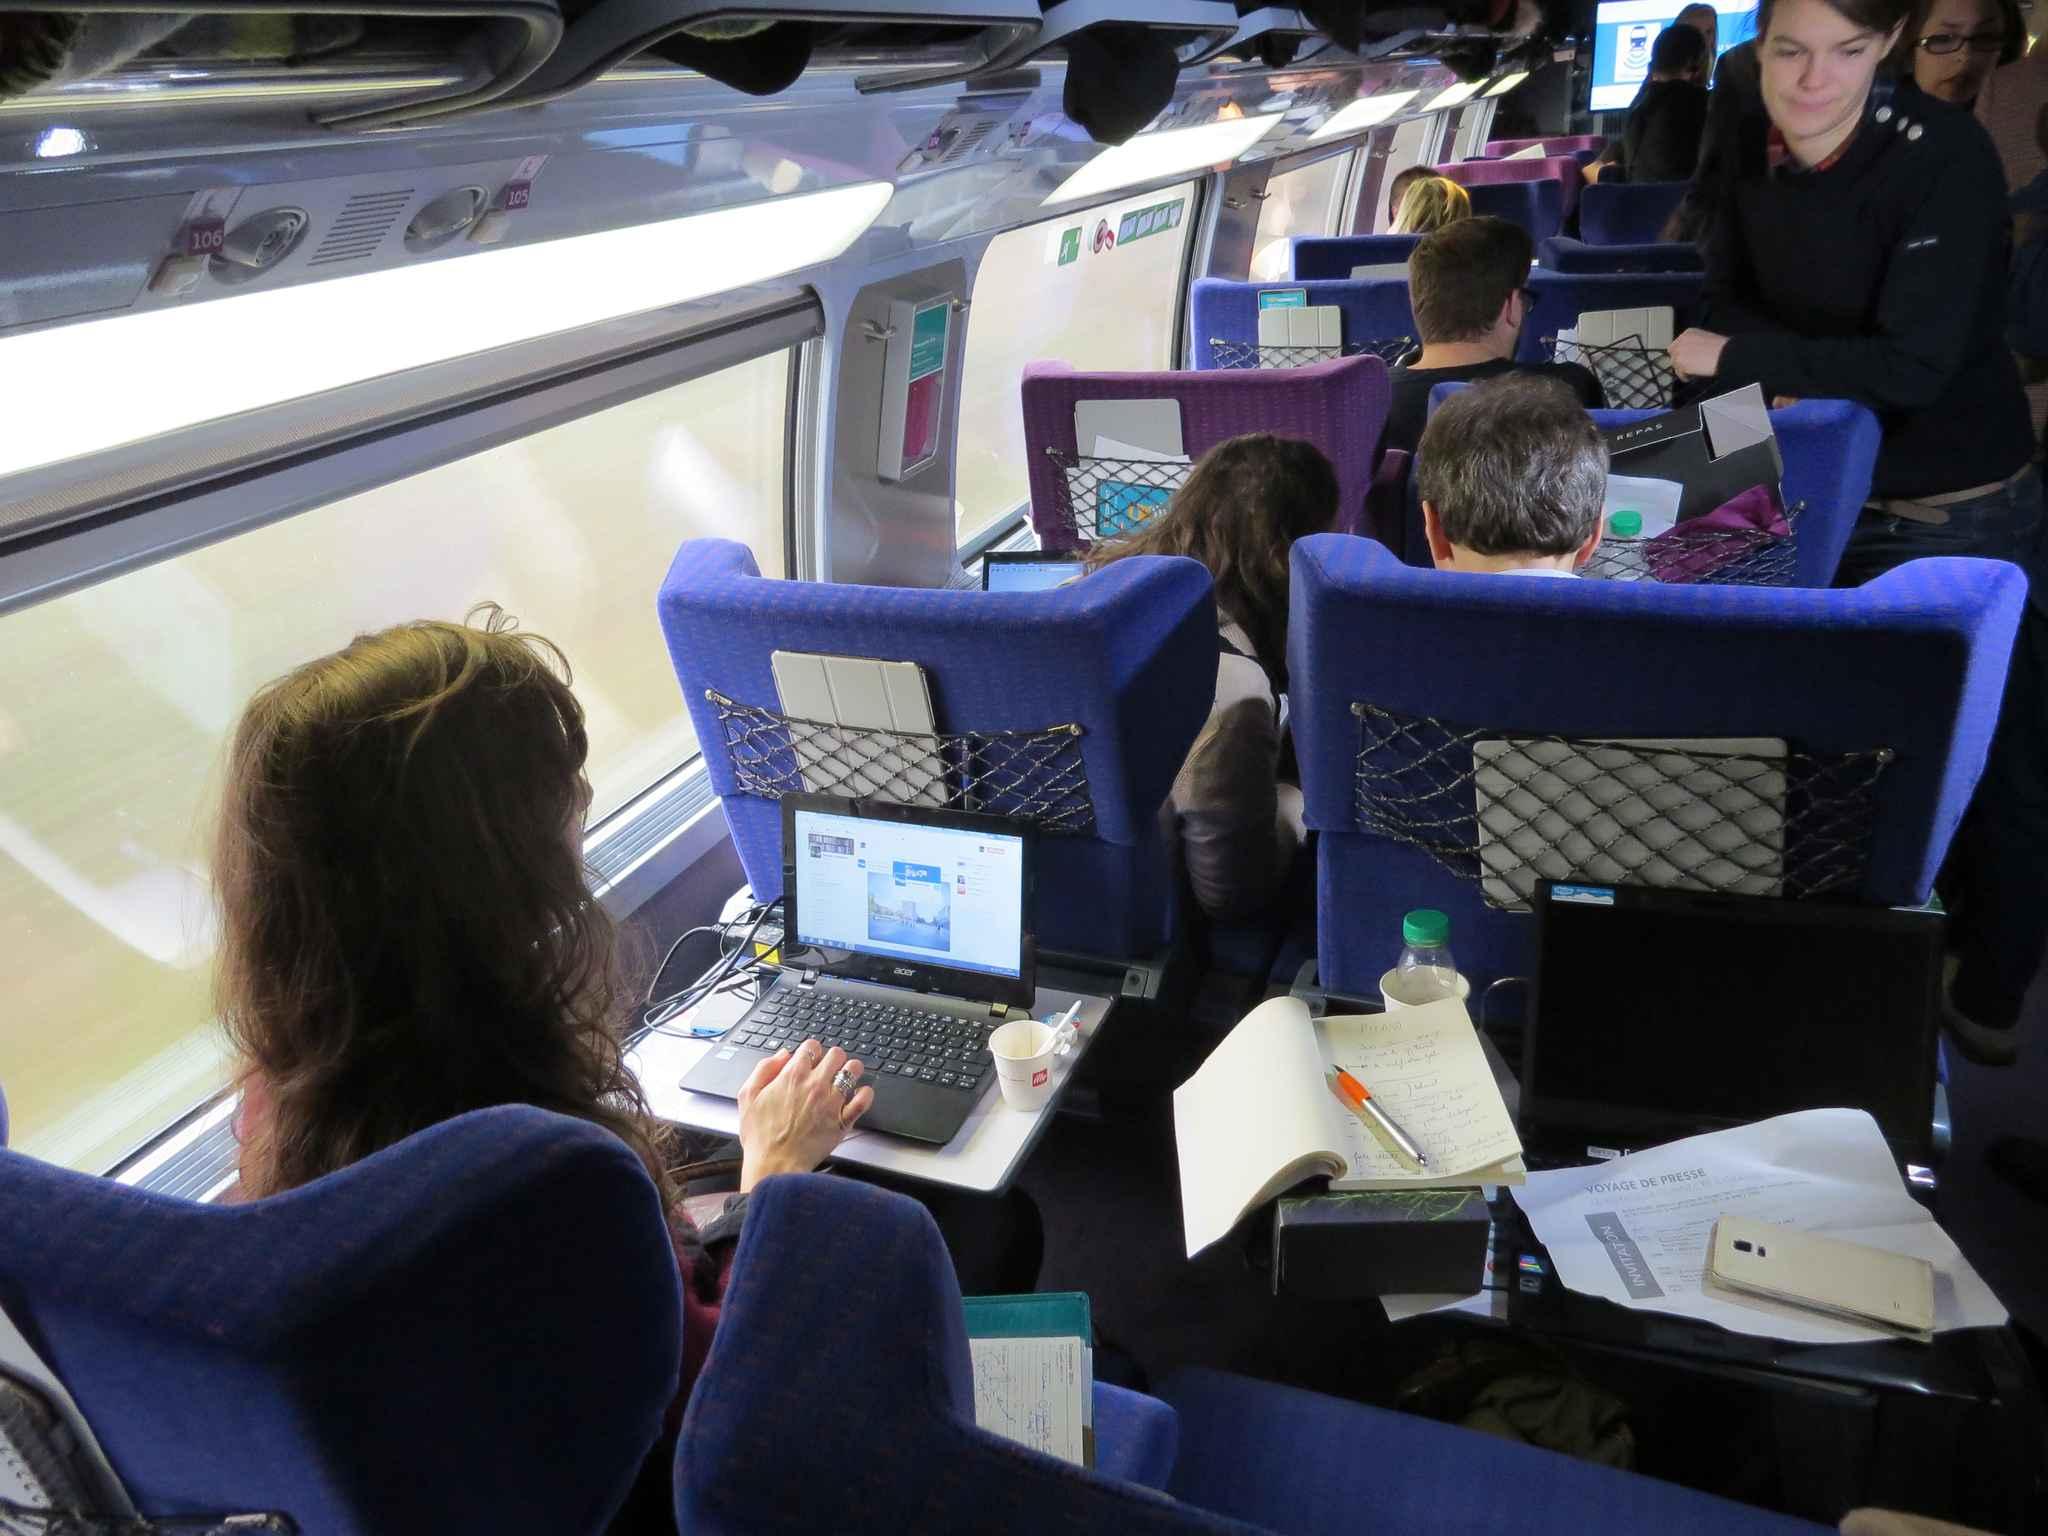 sncf le wifi bord des trains devient r alit sur le tgv paris lyon. Black Bedroom Furniture Sets. Home Design Ideas